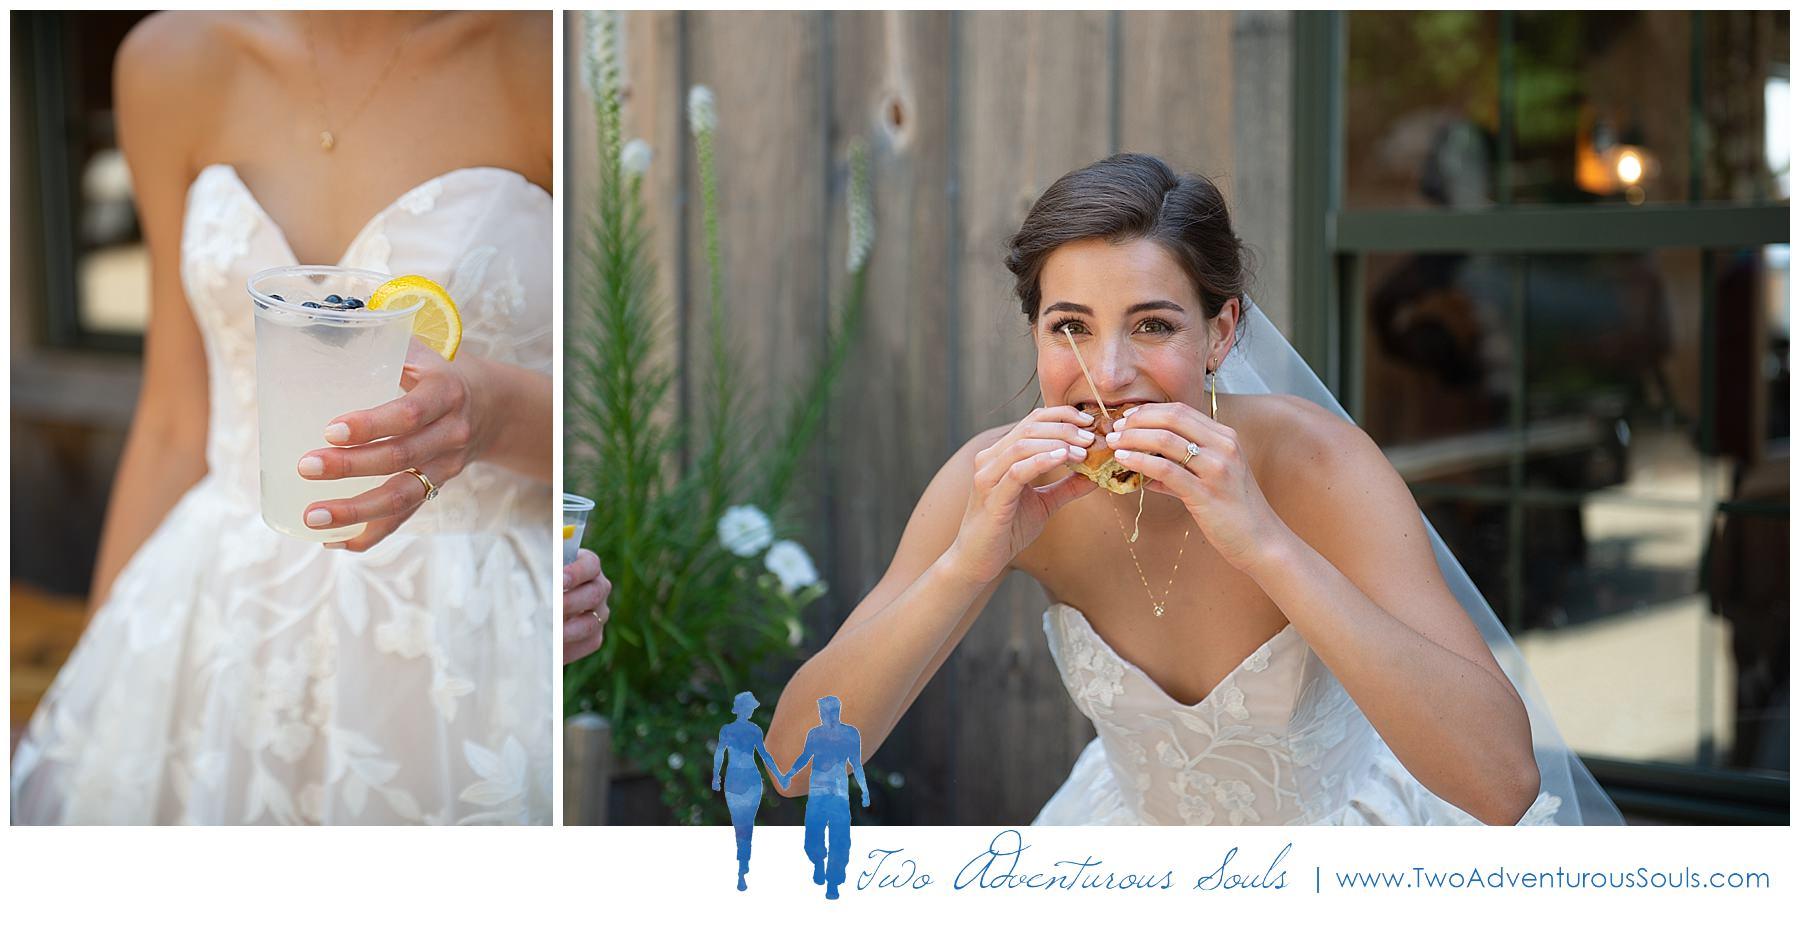 Maine Wedding Photographers, Granite Ridge Estate Wedding Photographers, Two Adventurous Souls - 080319_0056.jpg